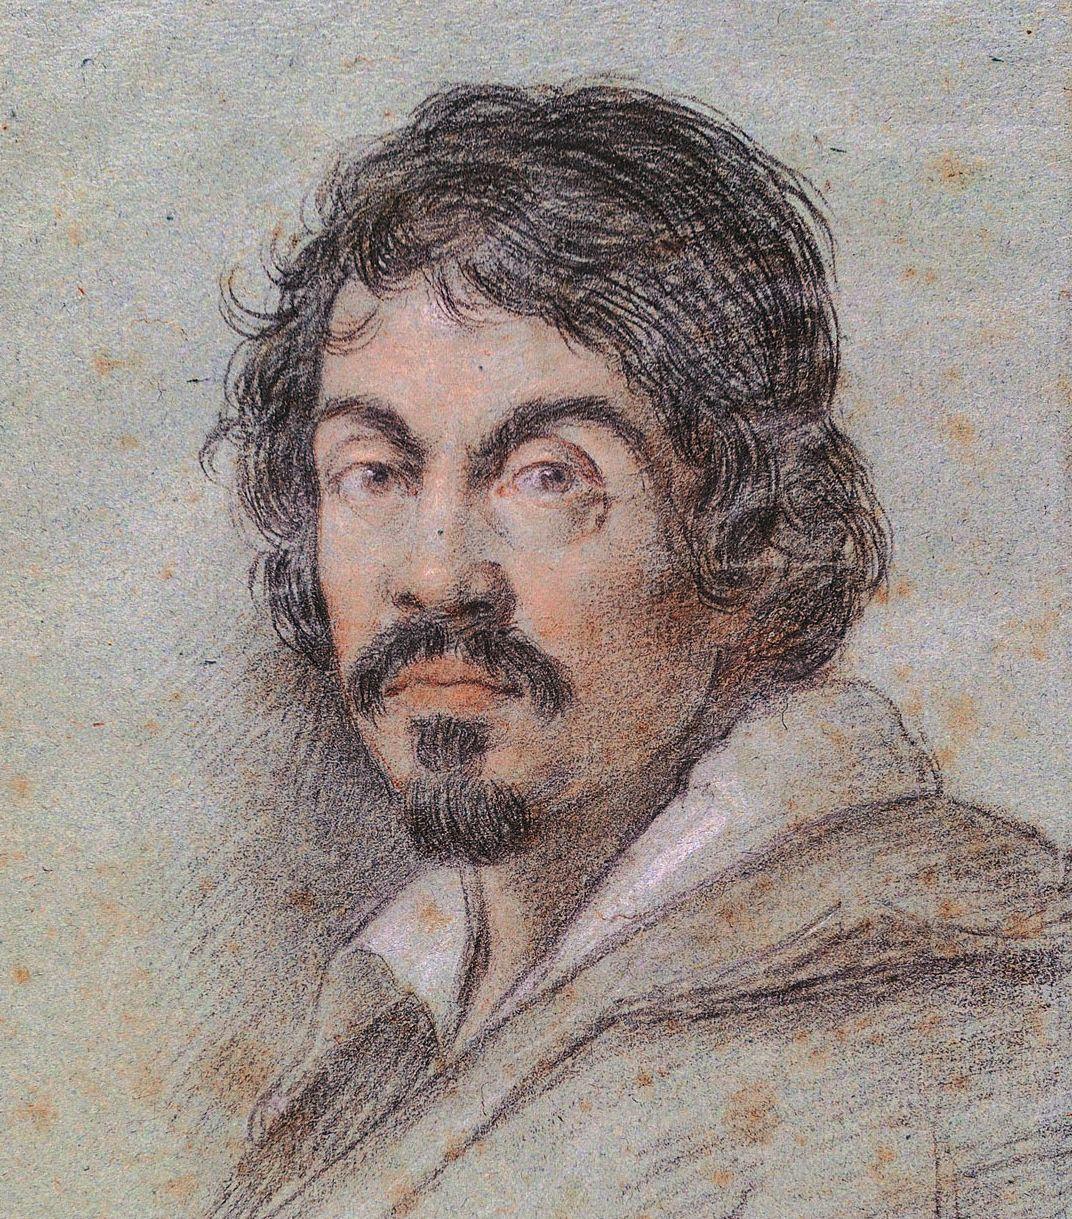 Najväčší rebel v dejinách maliarstva. Caravaggiovo dielo bolo škandálne práve tak ako jeho život